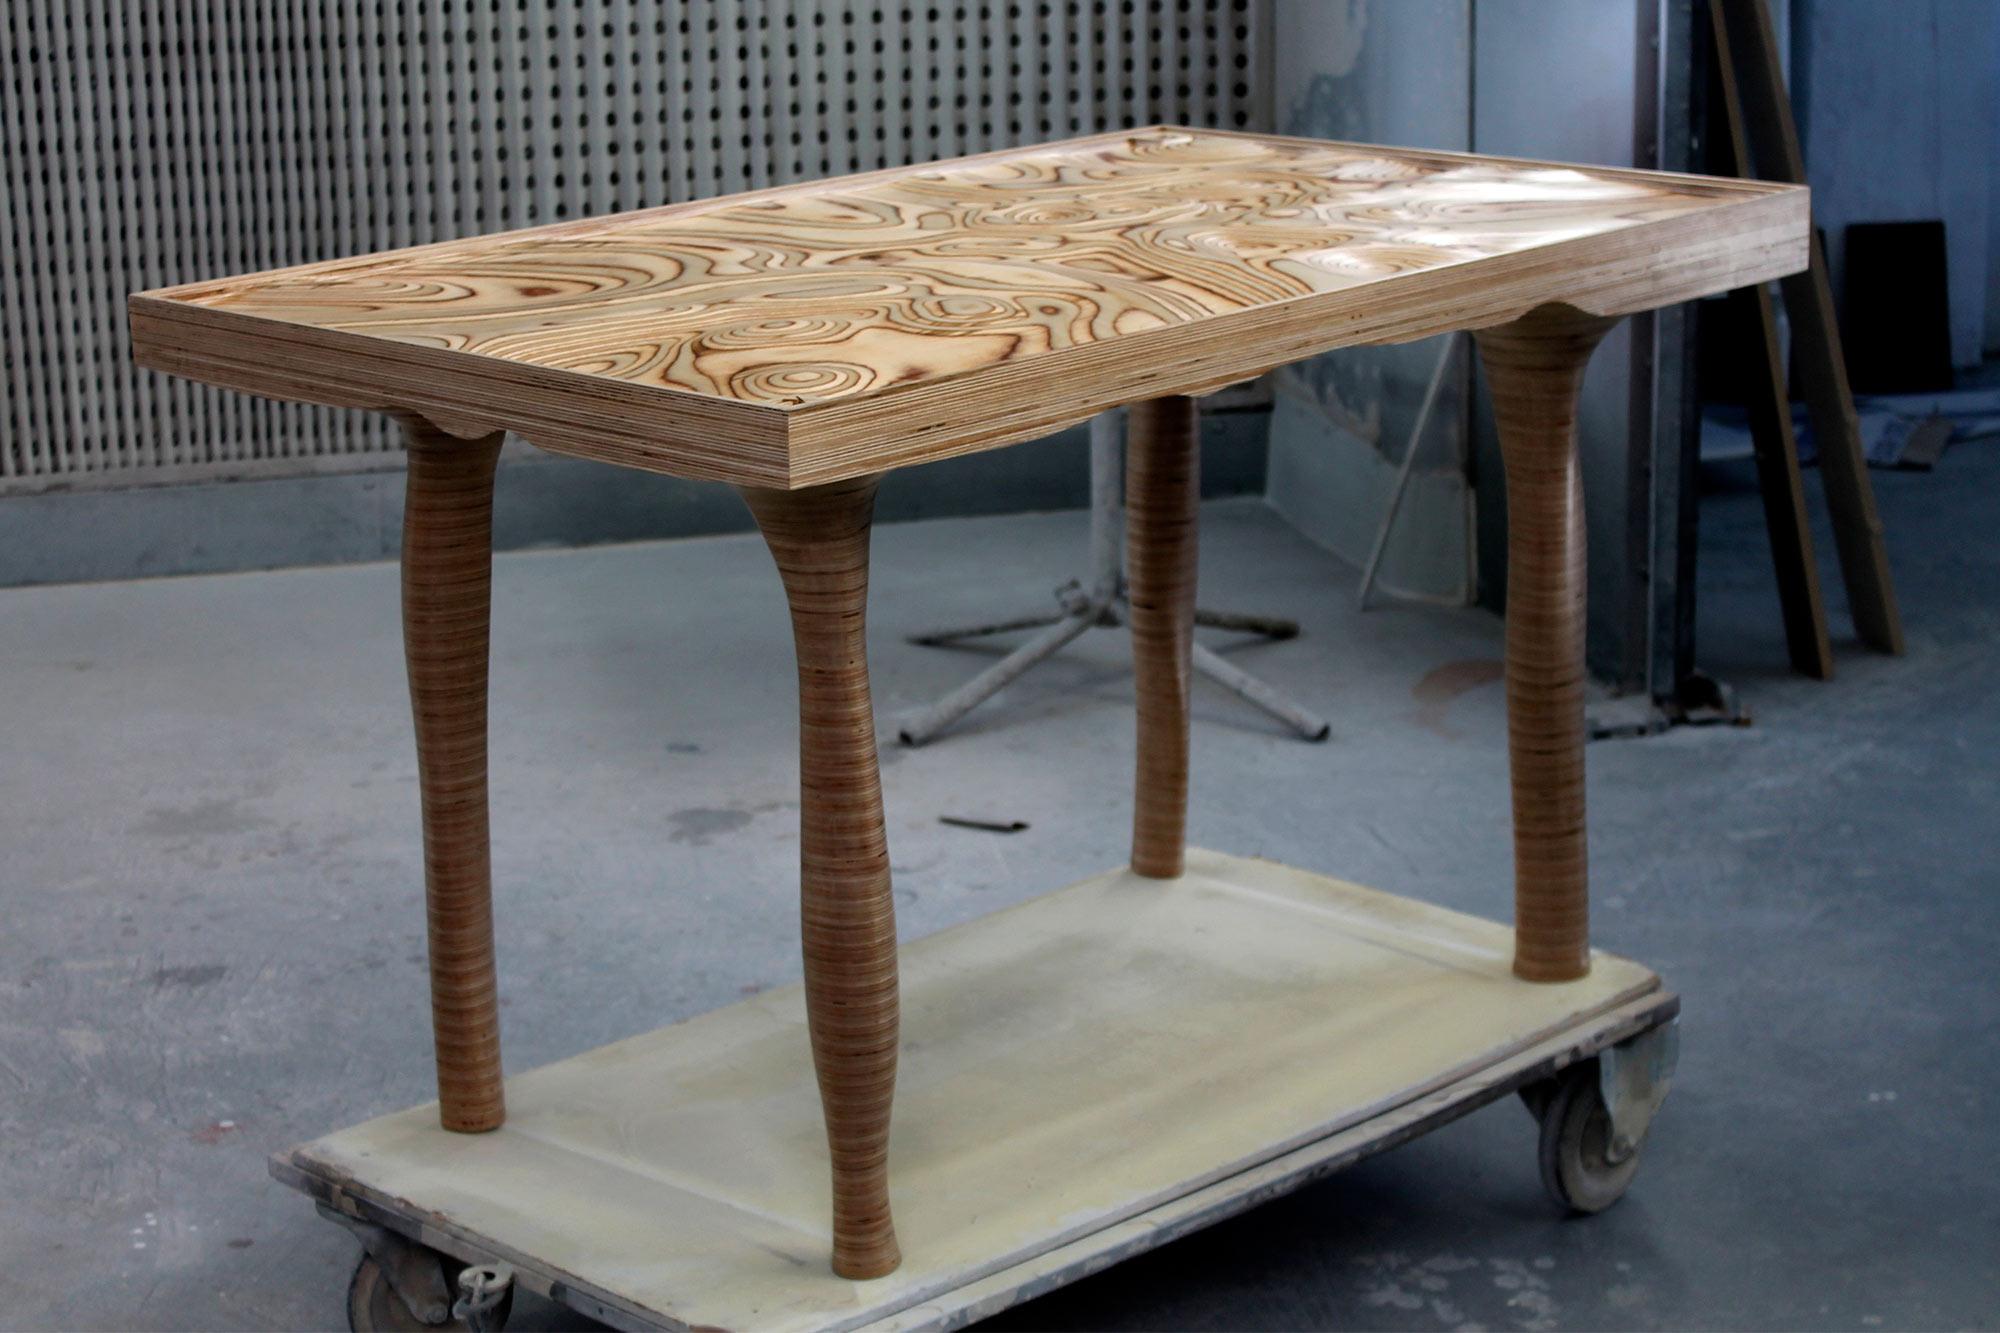 Topotable topografías táctiles, es una mesa paramétrica diseñada y fabricada por EXarchitects